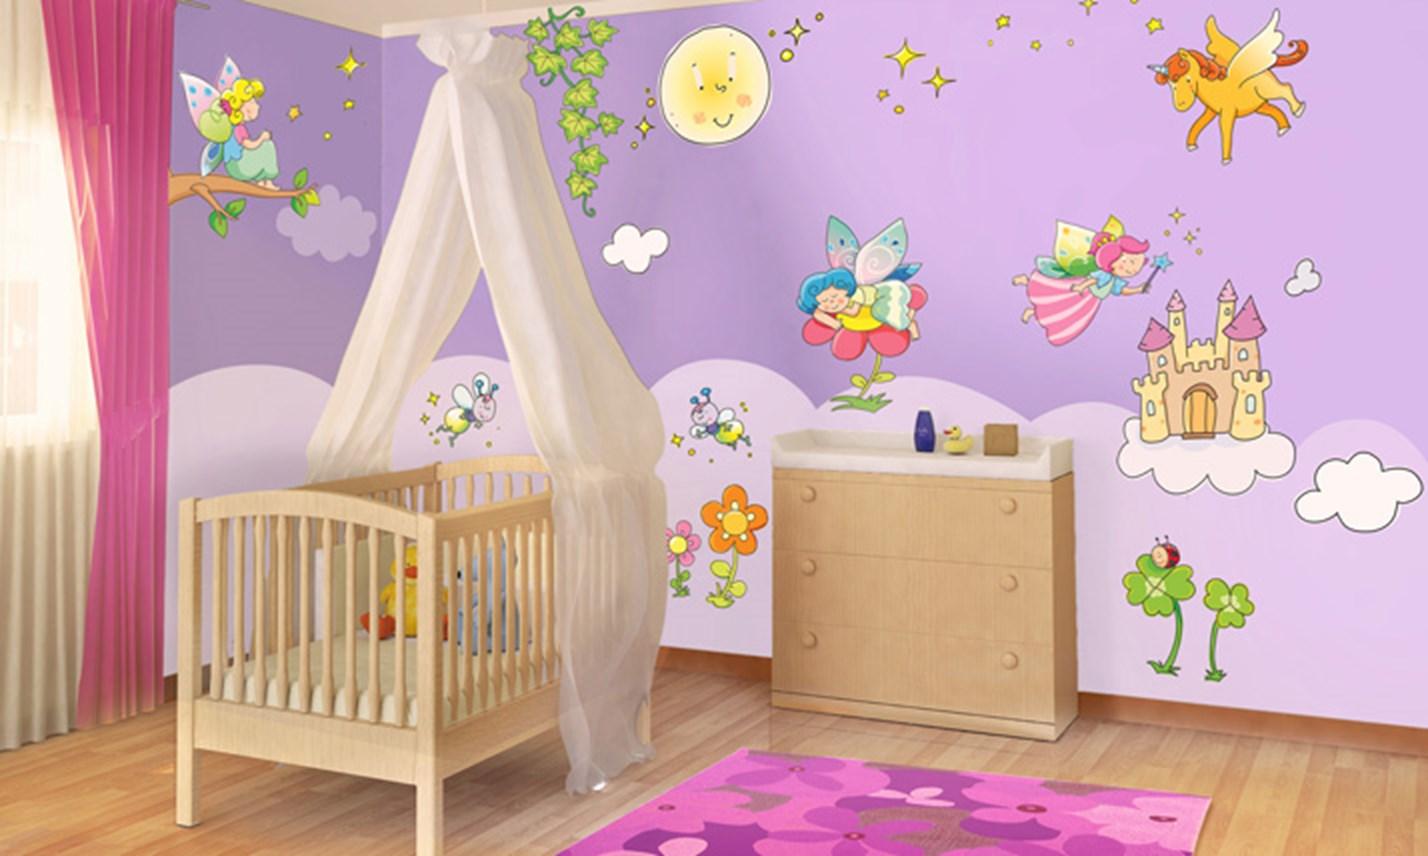 Decorazioni parete cameretta disegno idea greche adesive per camerette decorazioni pareti - Decorazioni muri camerette bambini ...